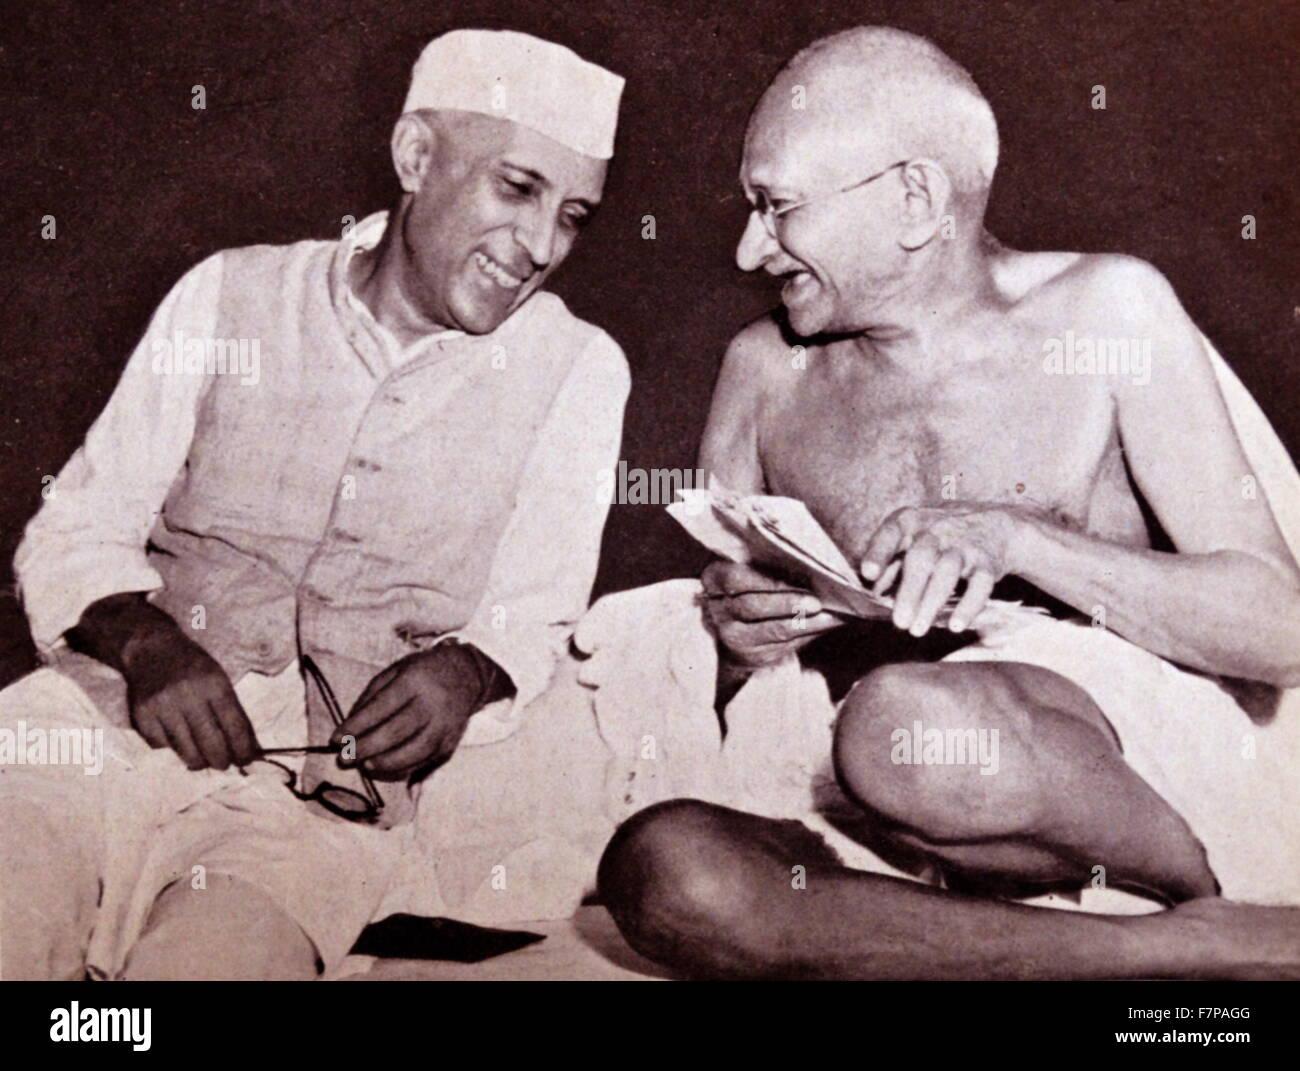 Pandit Jawaharlal Nehru Stock Photos & Pandit Jawaharlal Nehru ...